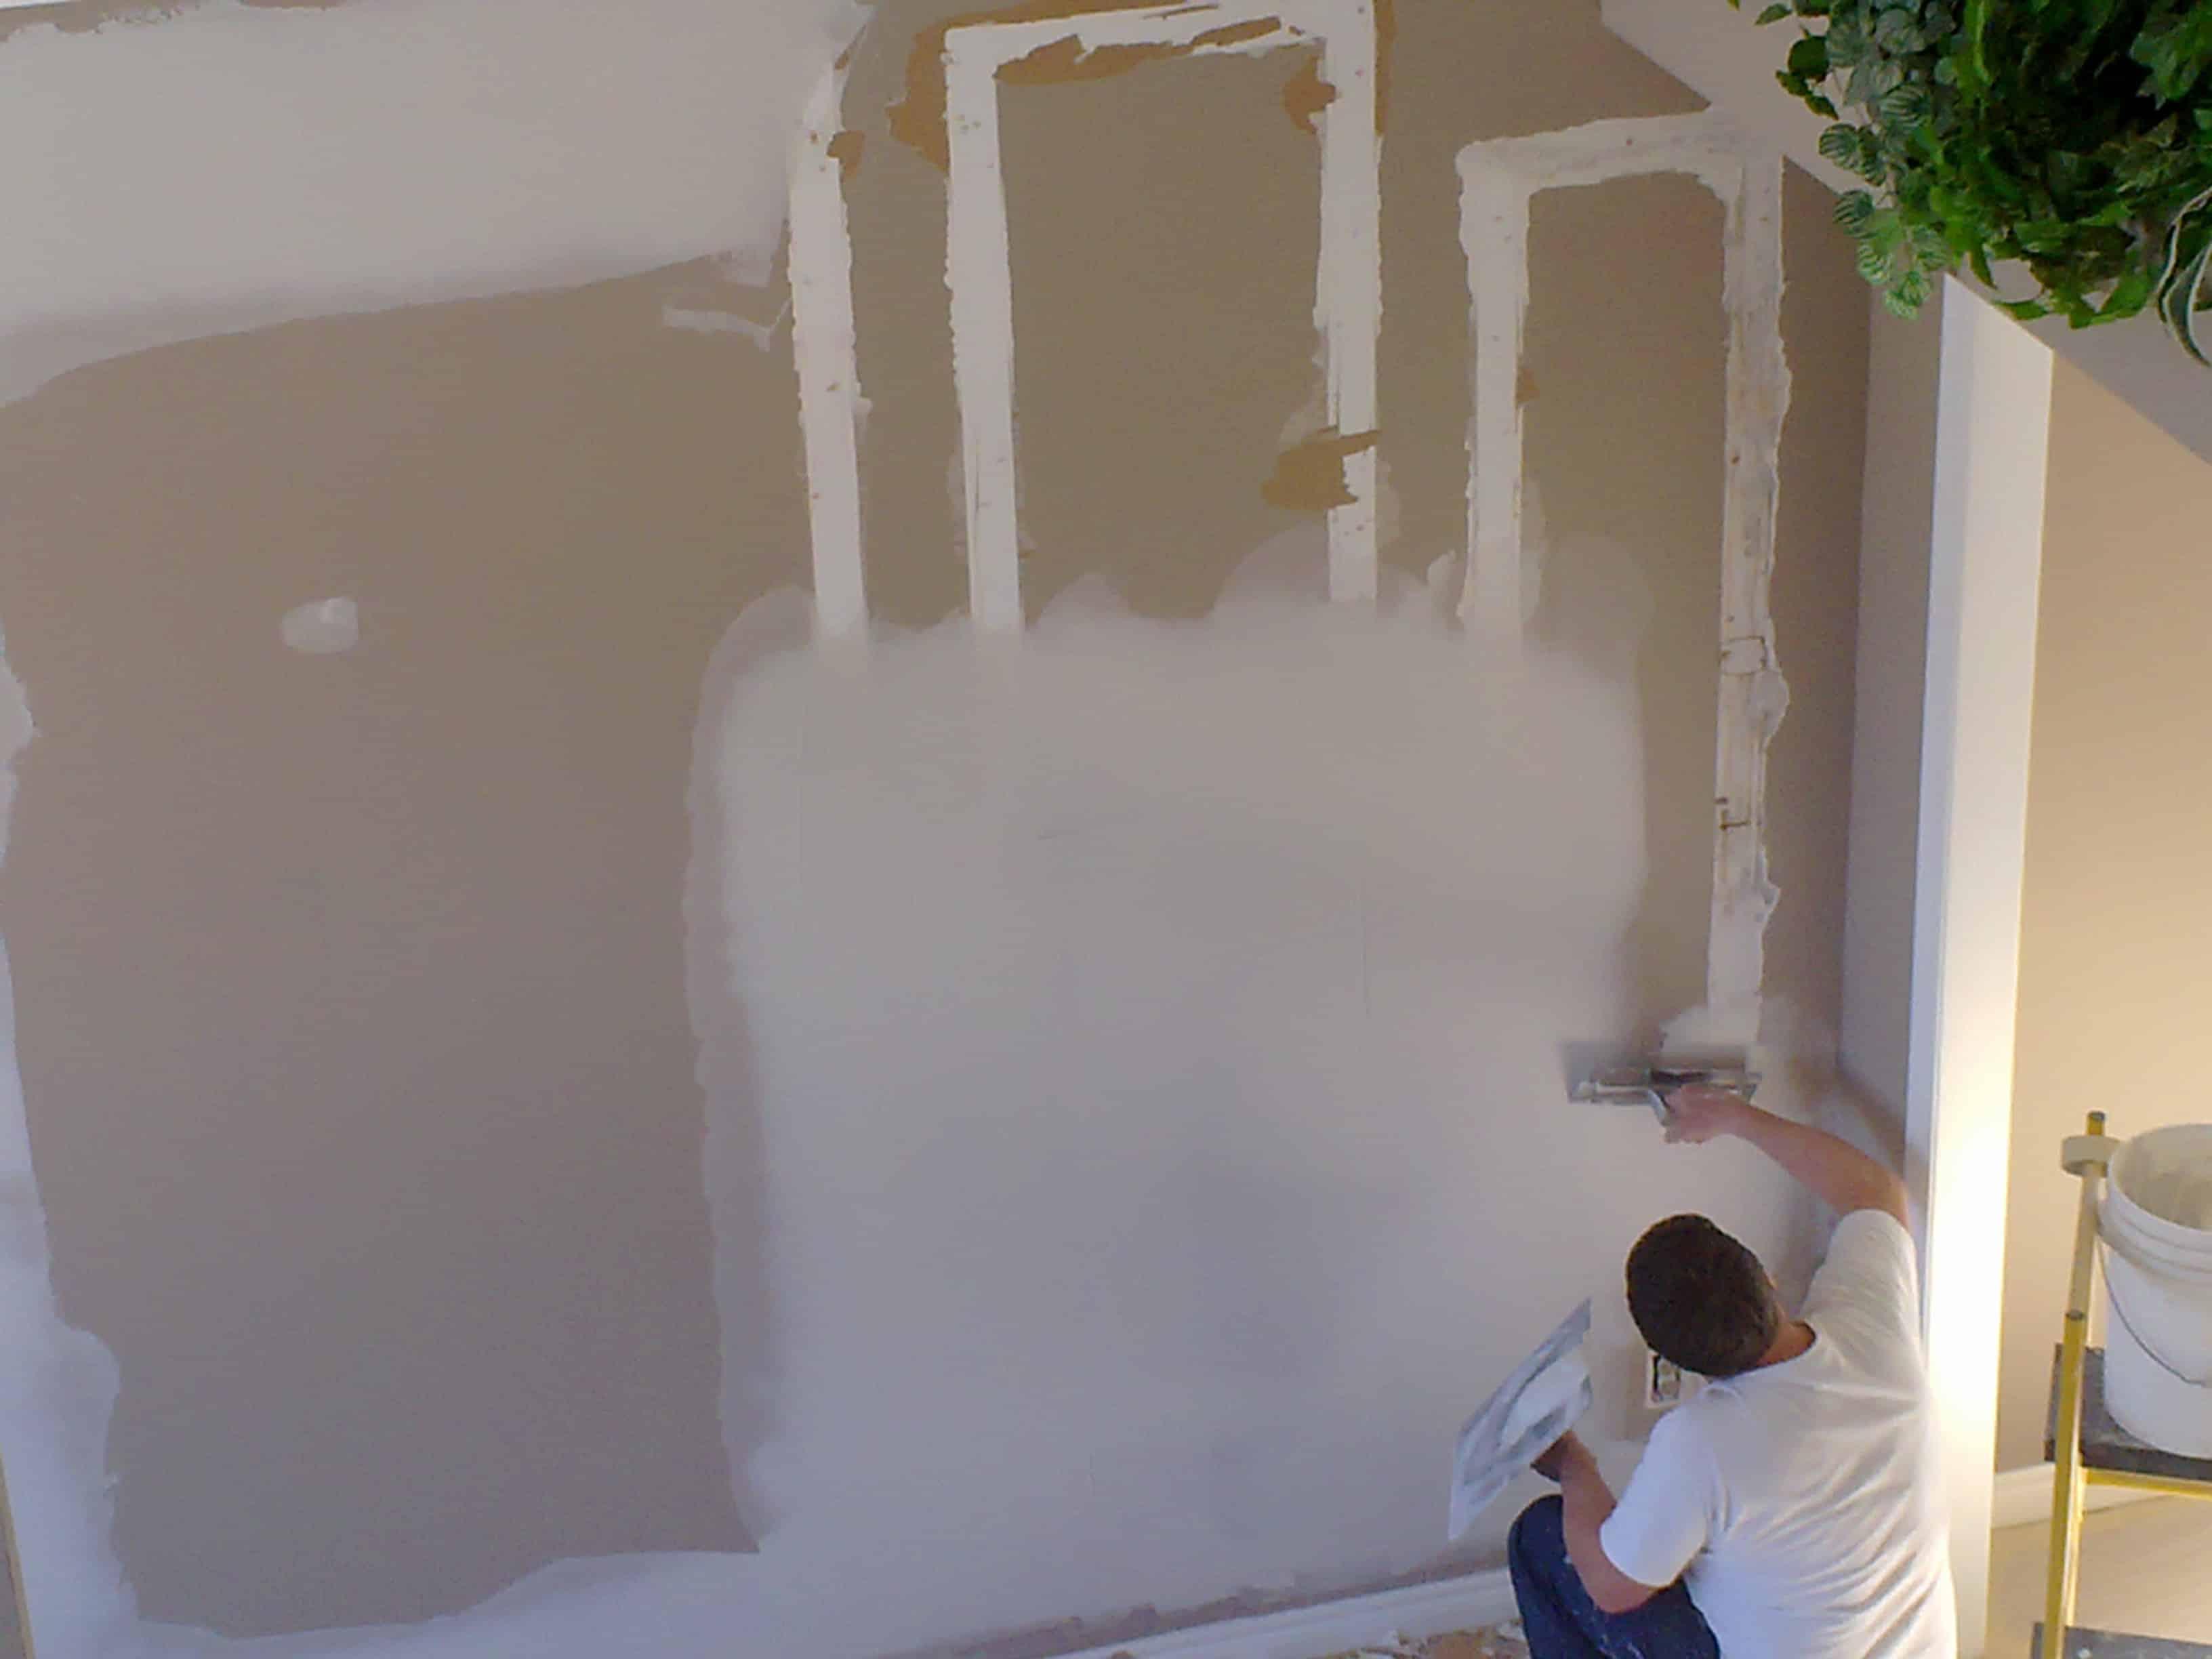 Carpentry and drywall repair